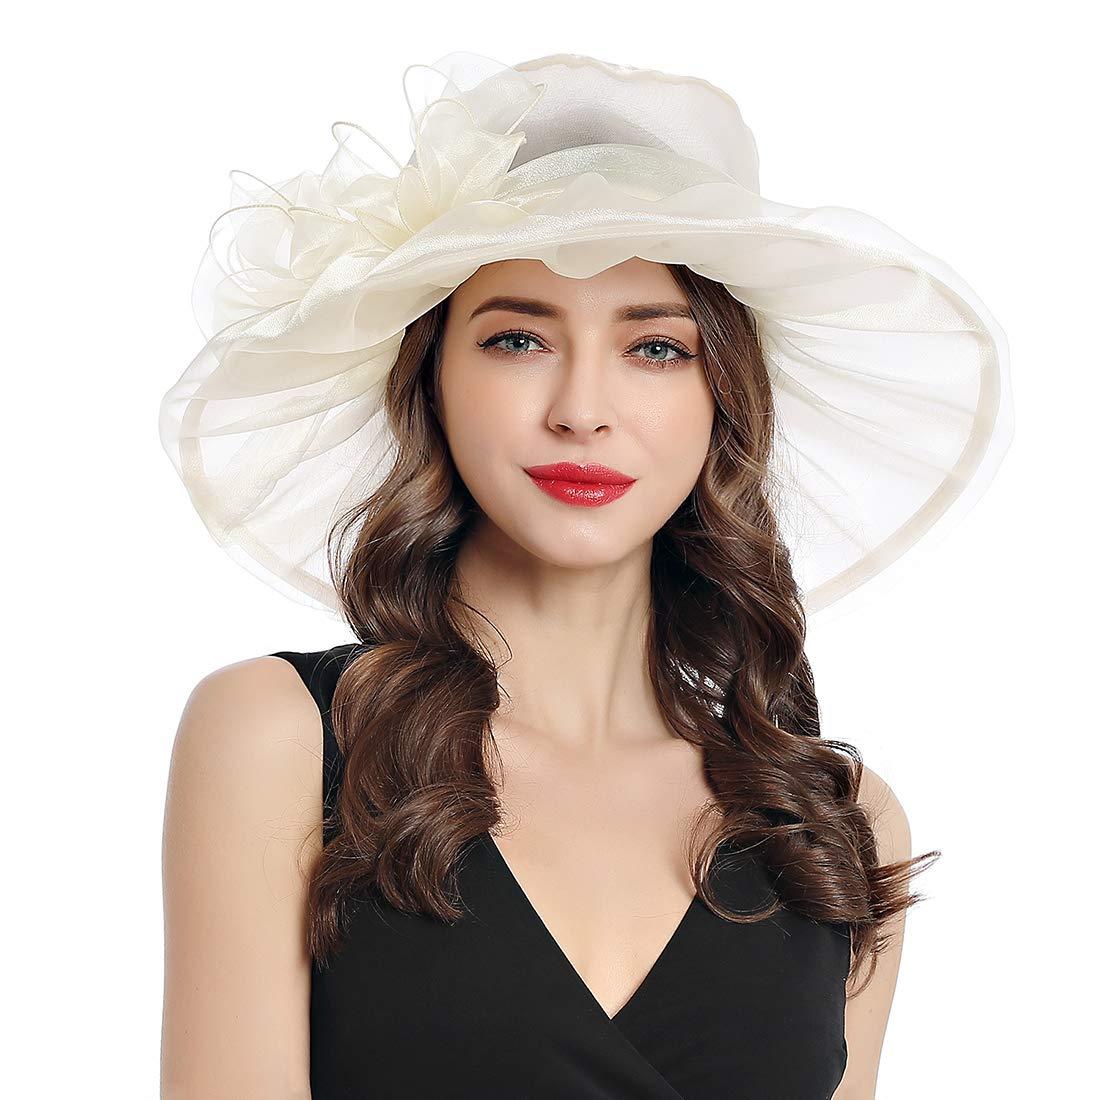 Women's Organza Church Kentucky Derby Fascinator Tea Party Wedding Hat (Beige-C) by MissCynthia